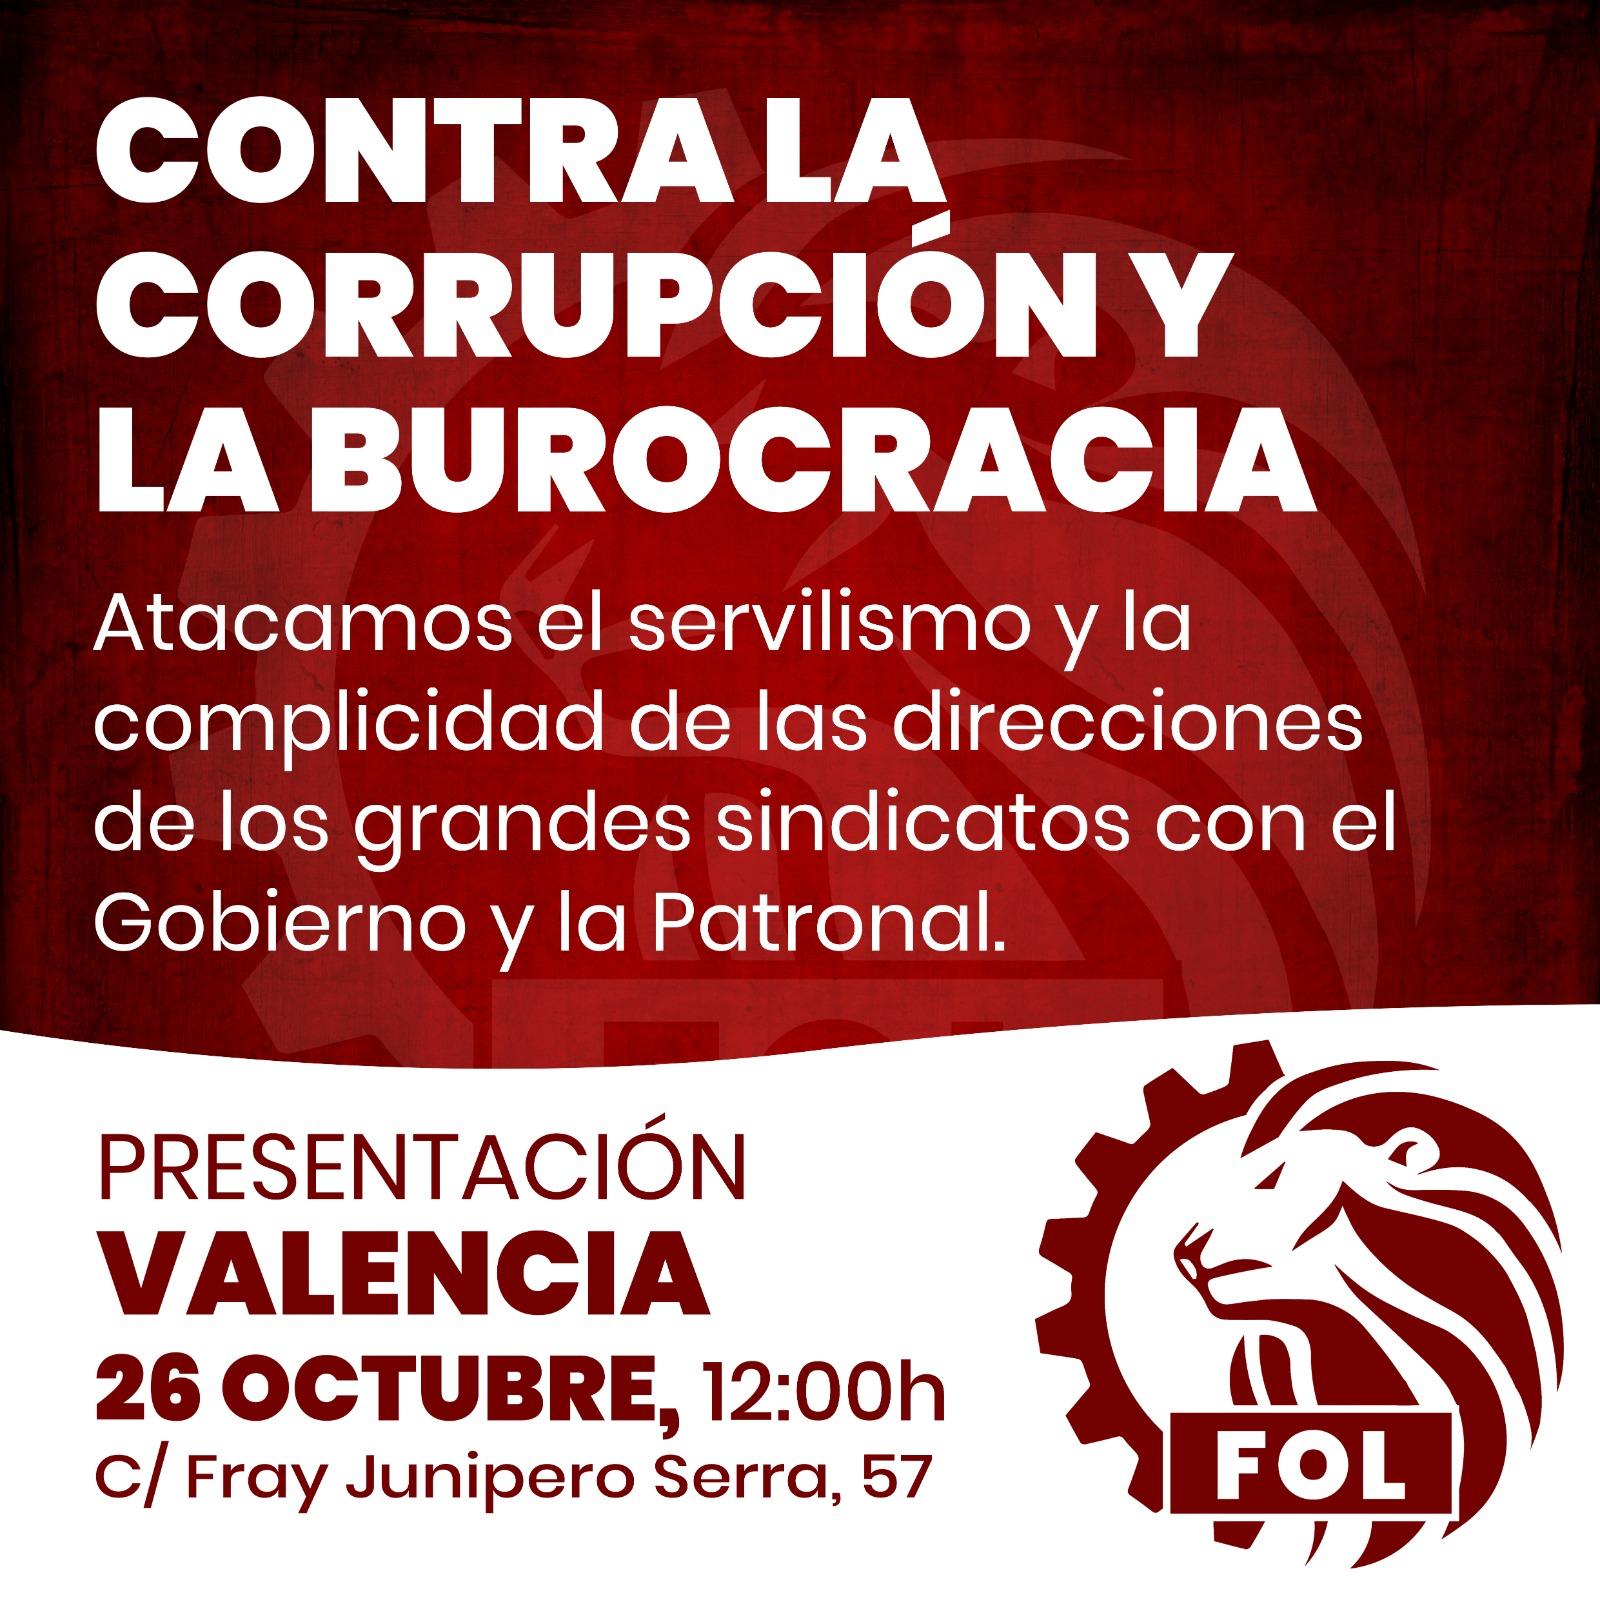 CONTRA LA CORRUPCIÓN Y LA BUROCRACIA